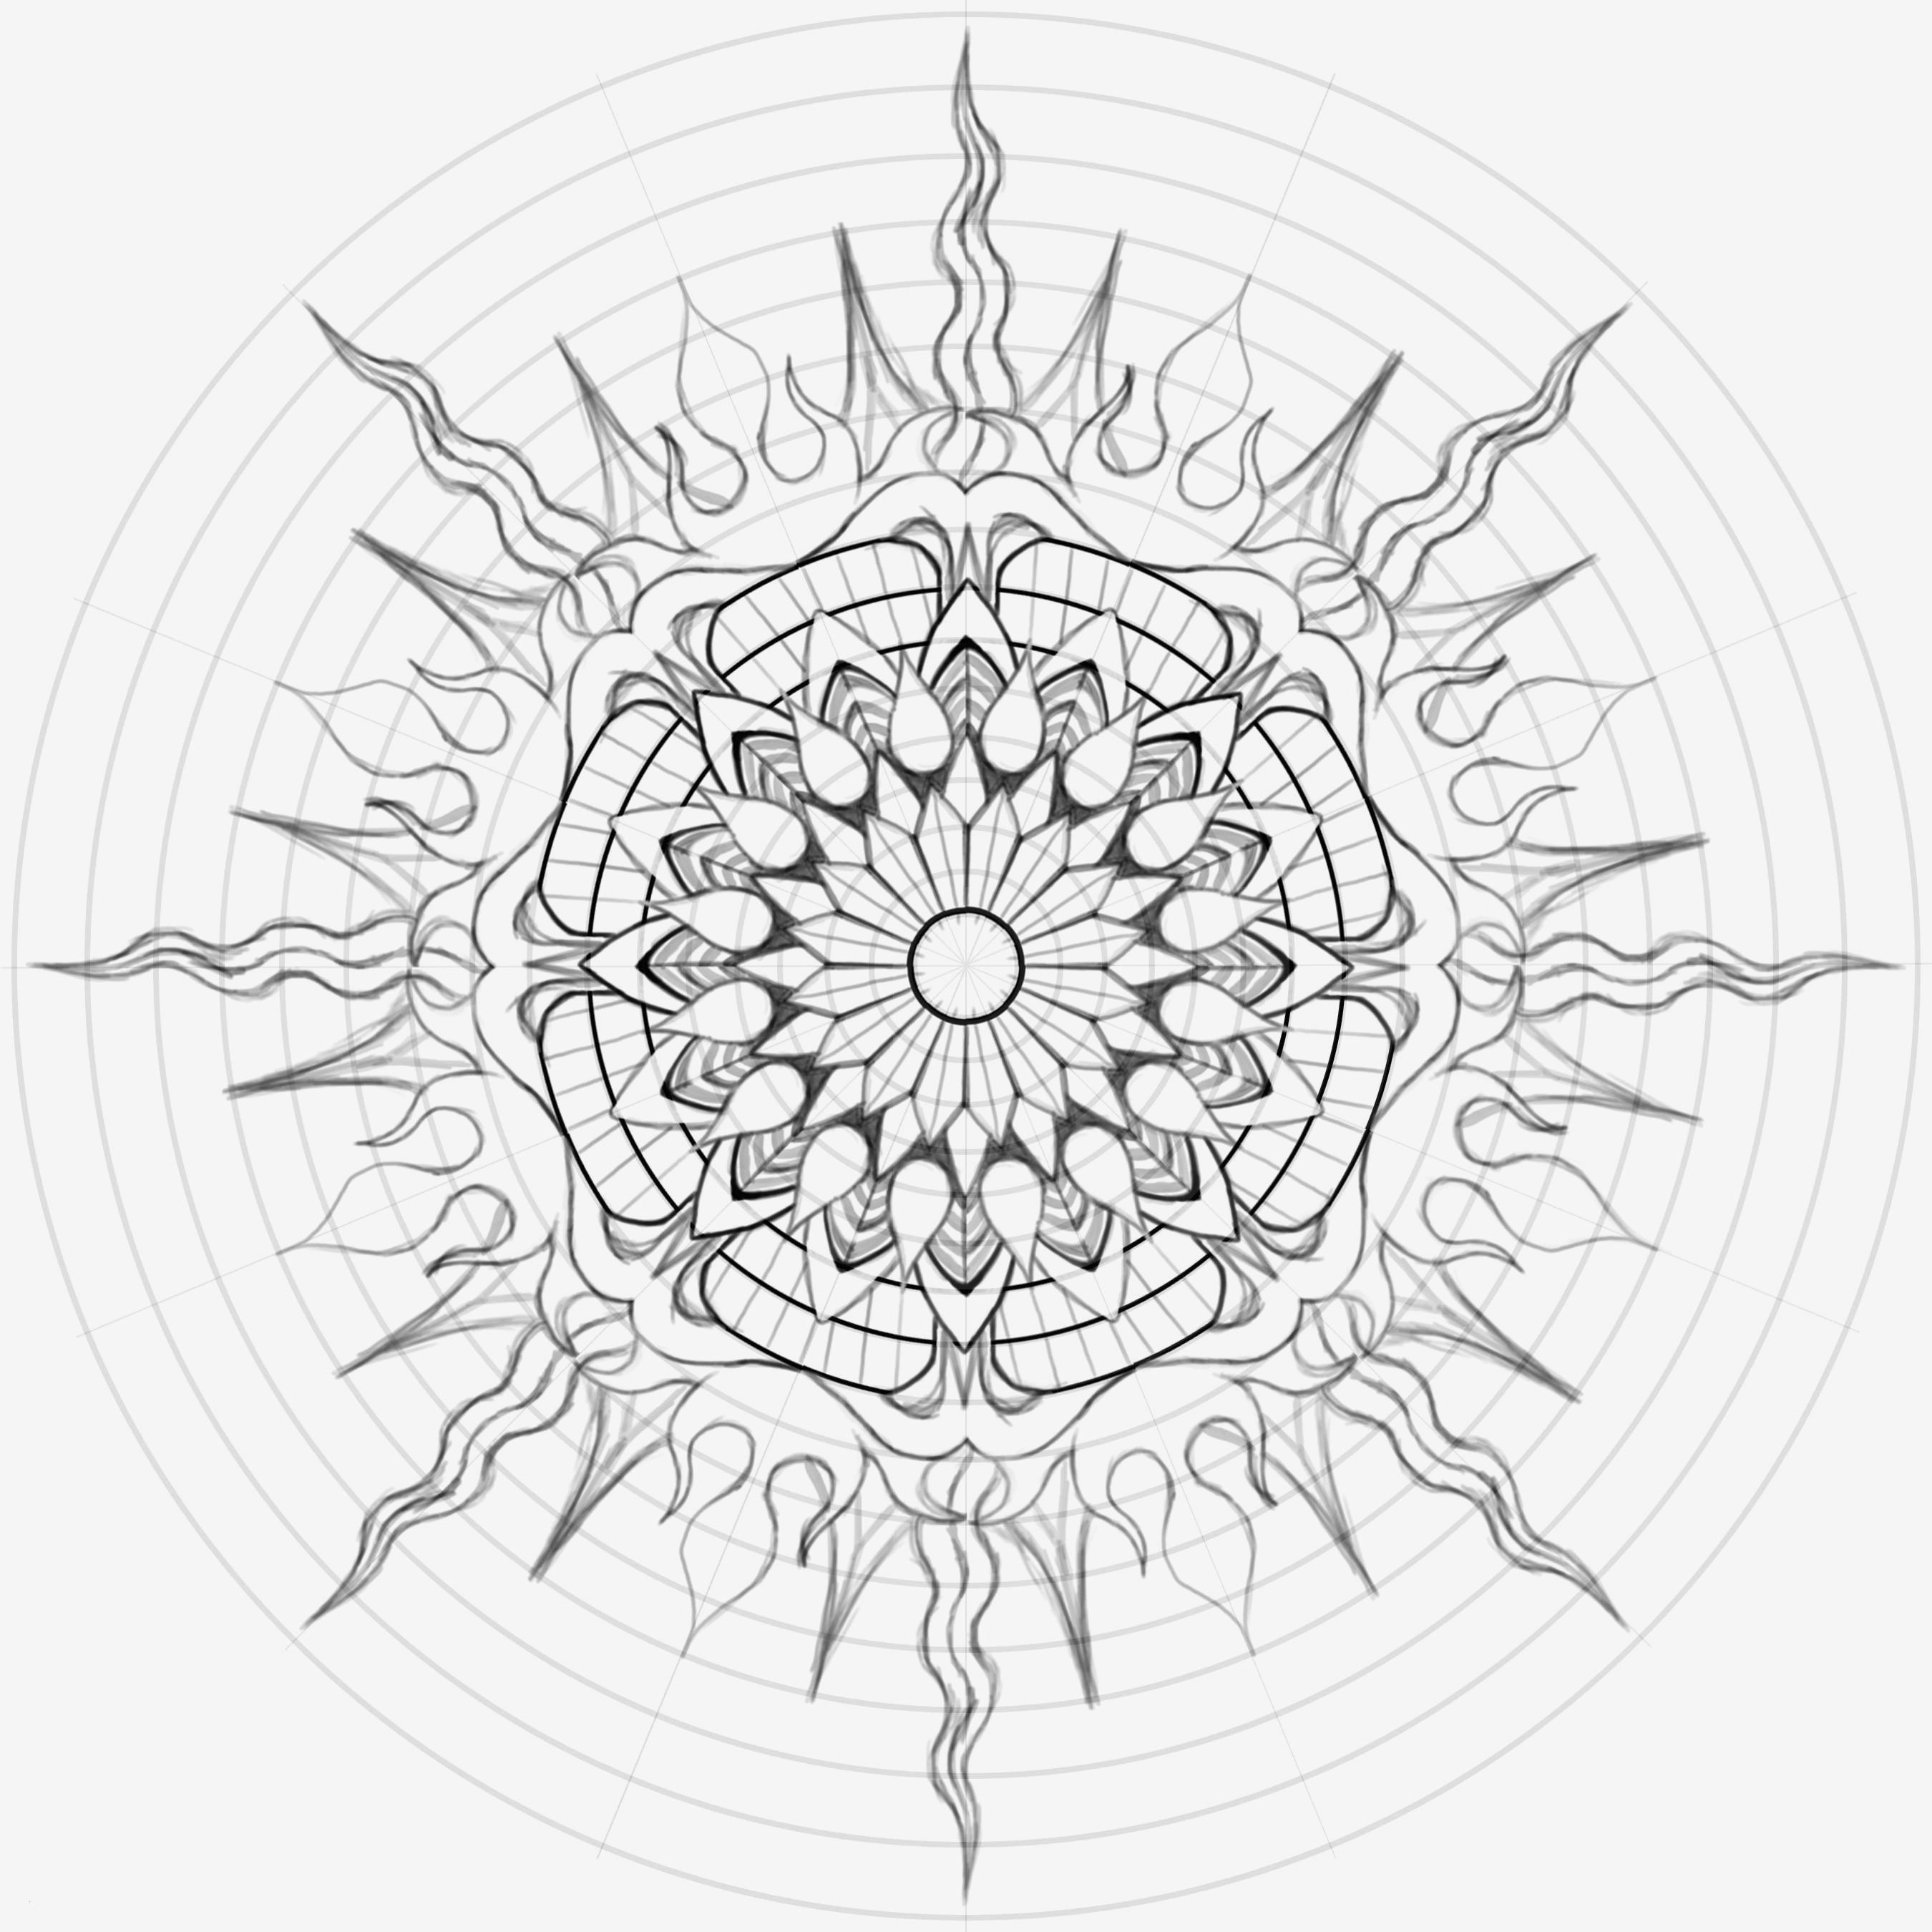 Pippi Langstrumpf Ausmalbilder Inspirierend Ausmalbilder Mandala Buchstaben Bildergalerie & Bilder Zum Ausmalen Stock